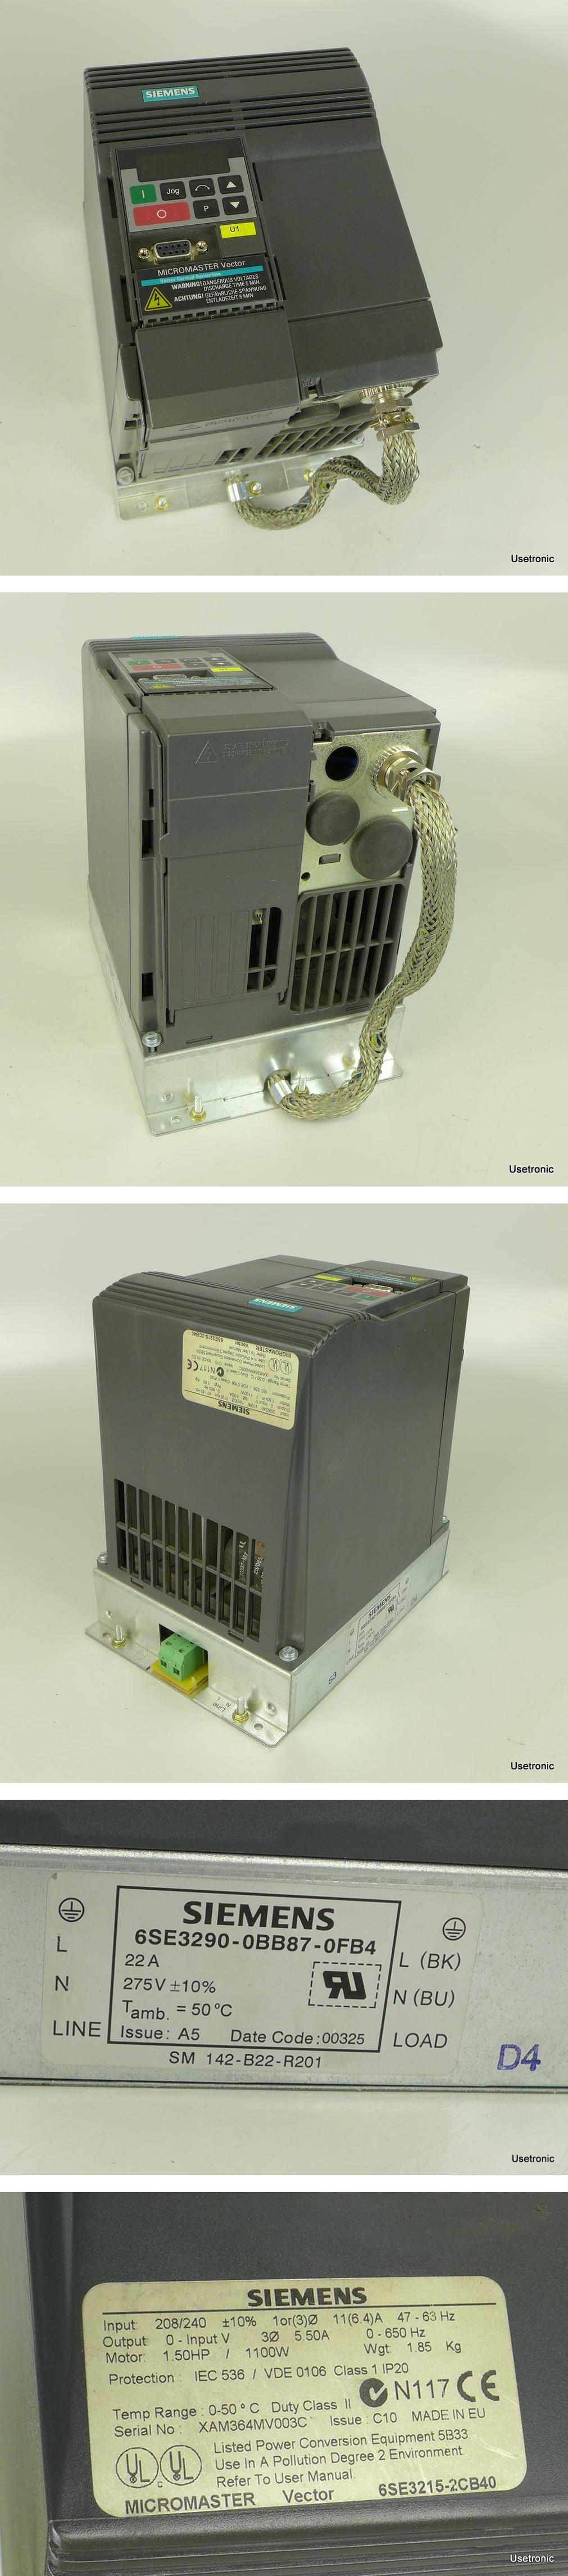 Siemens 6SE3215-2CB40